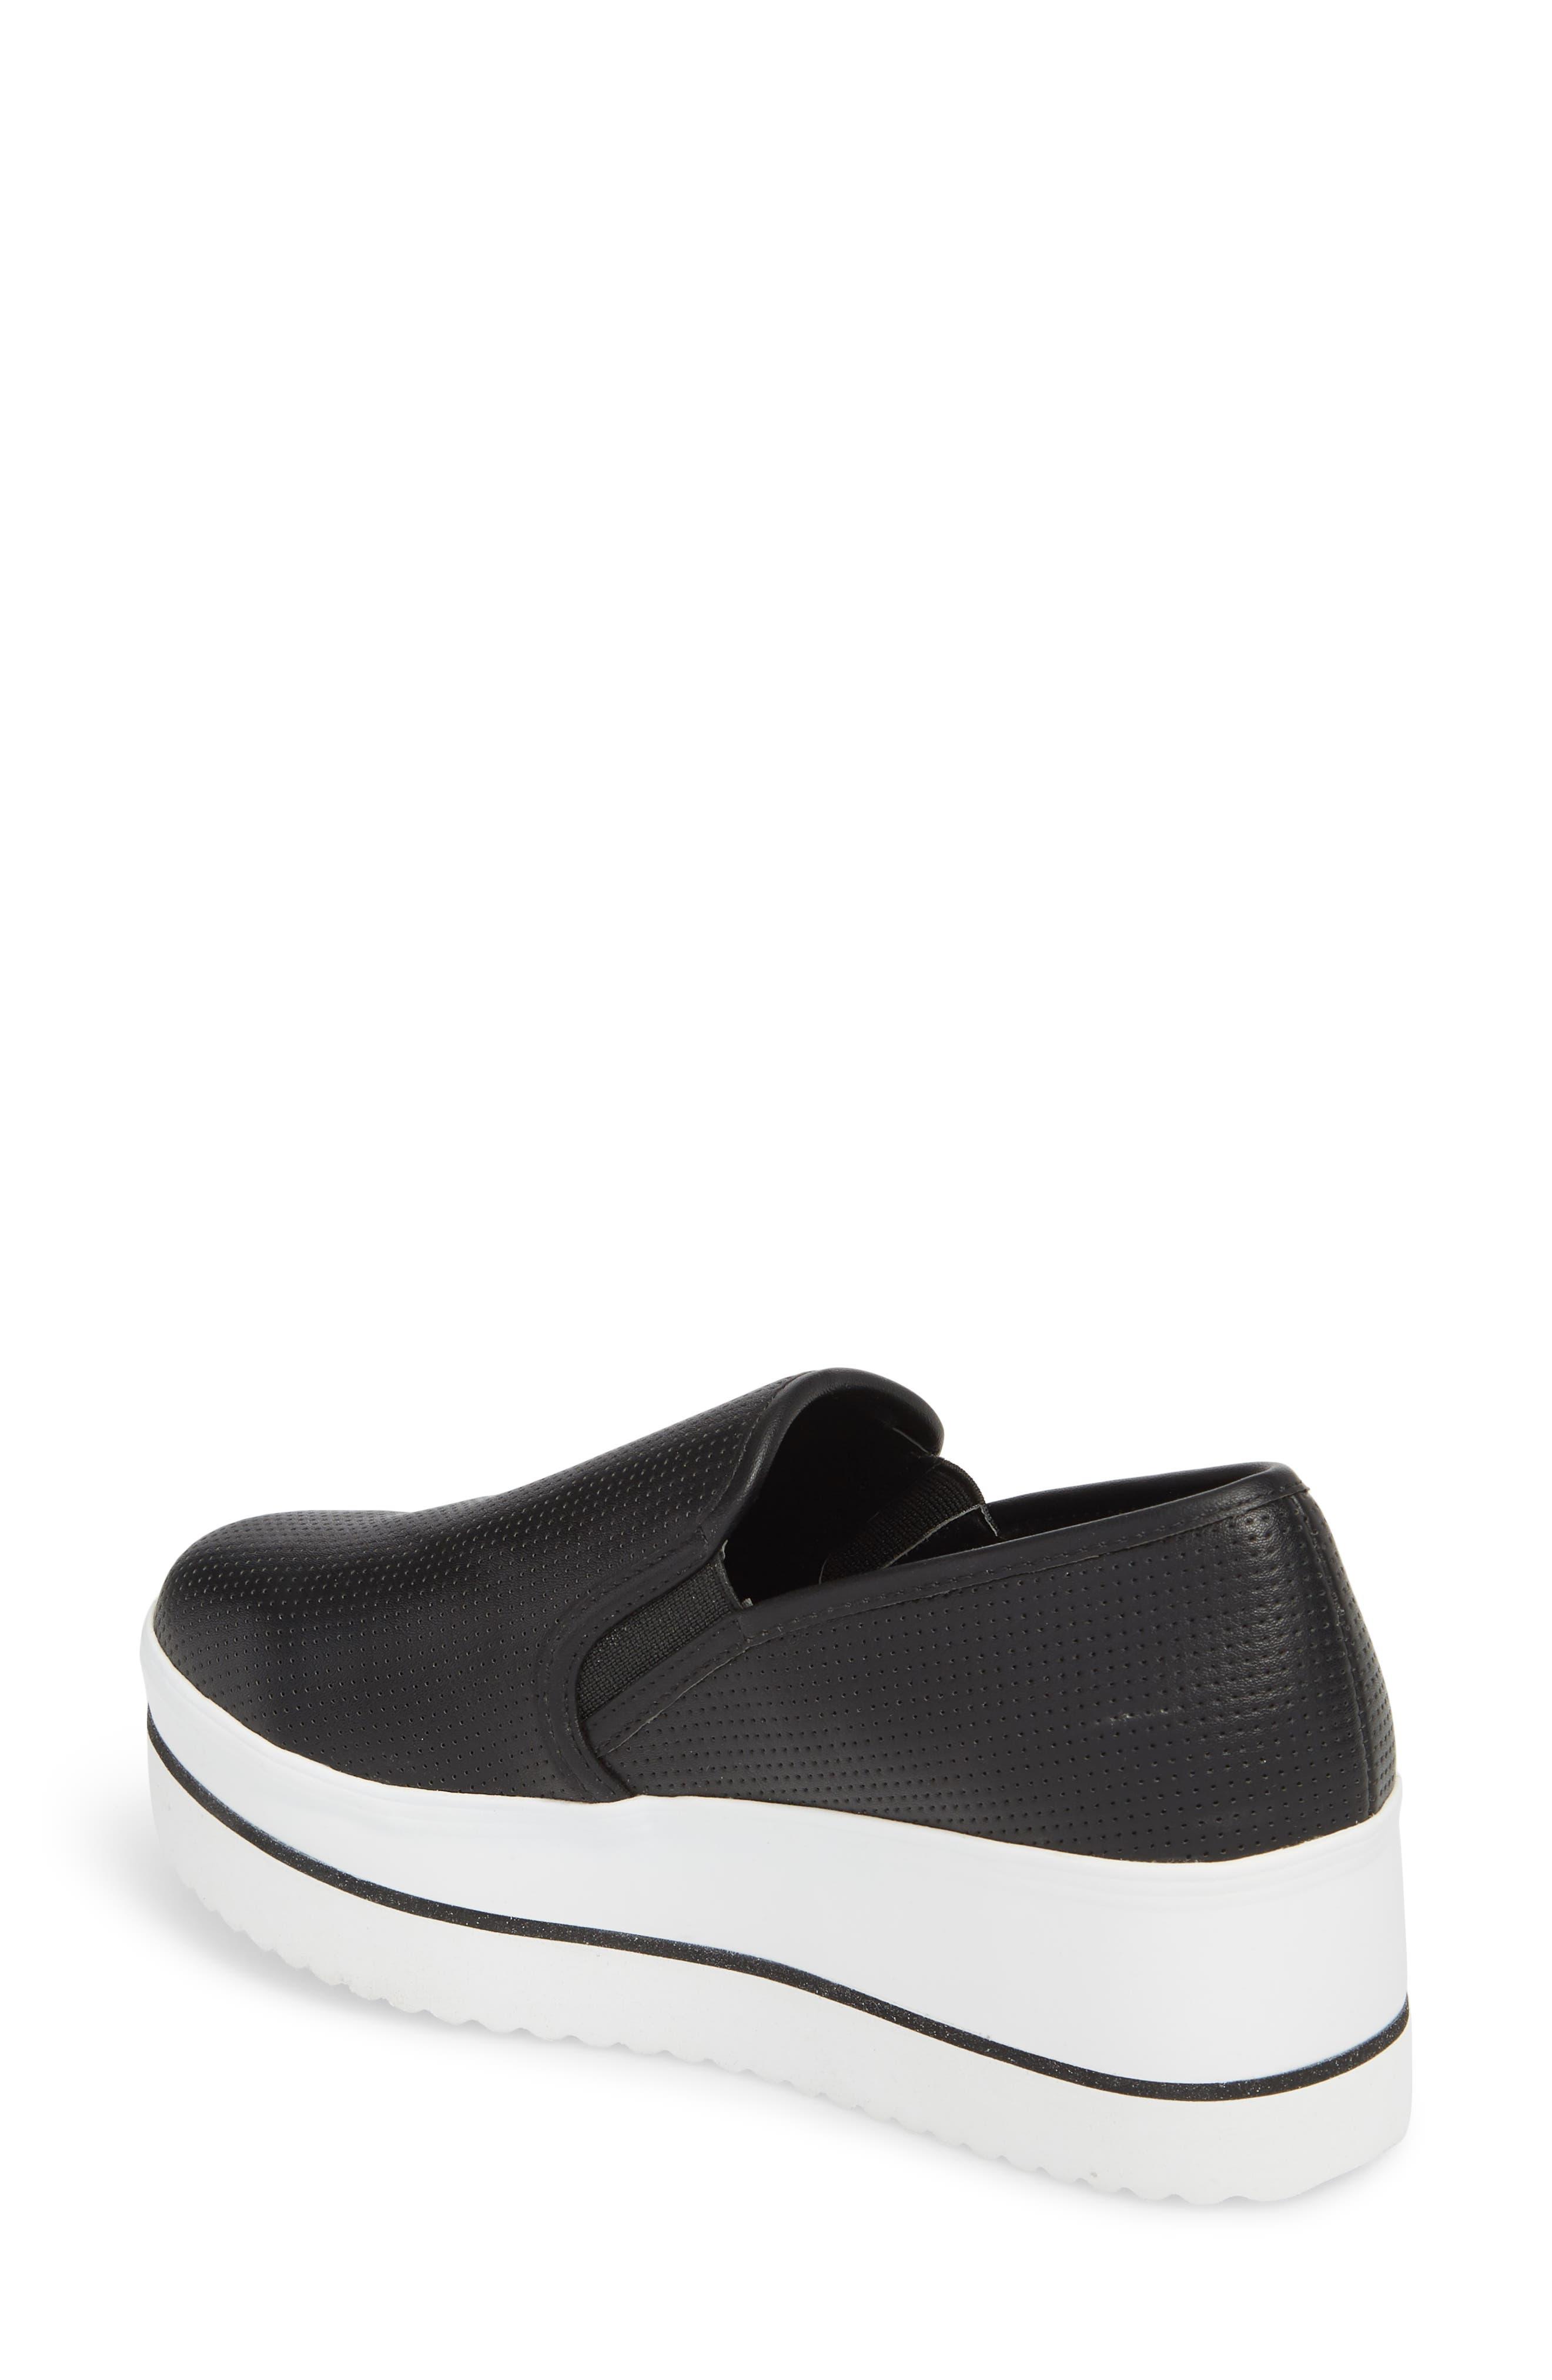 Becca Slip-On Sneaker,                             Alternate thumbnail 2, color,                             Black